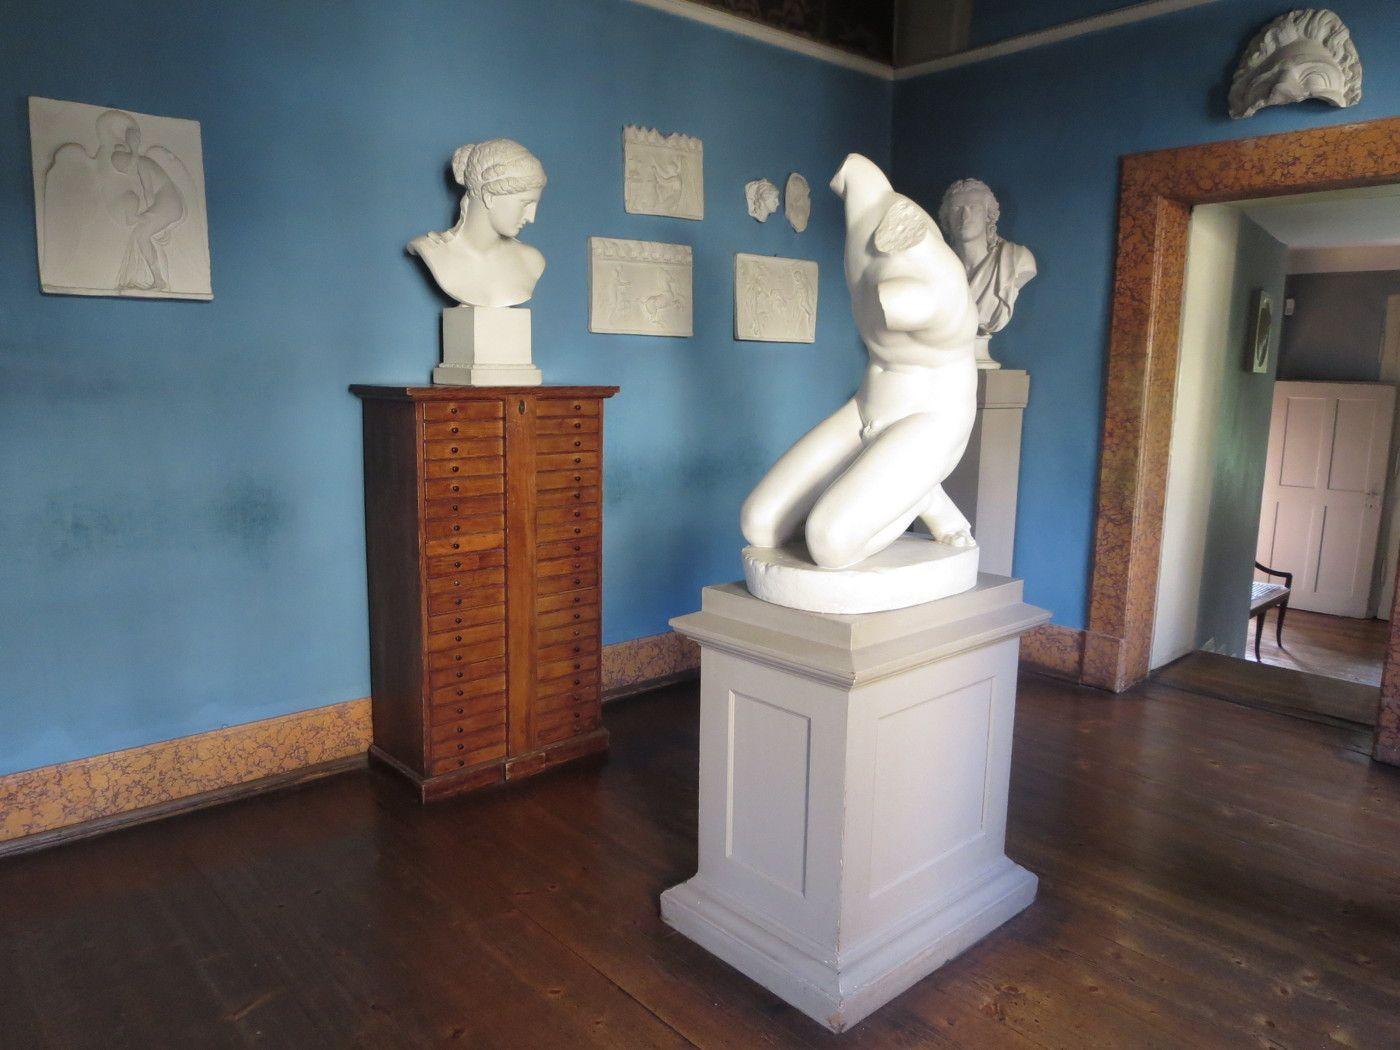 Nog enkele beelden uit het Goethehaus in Weimar